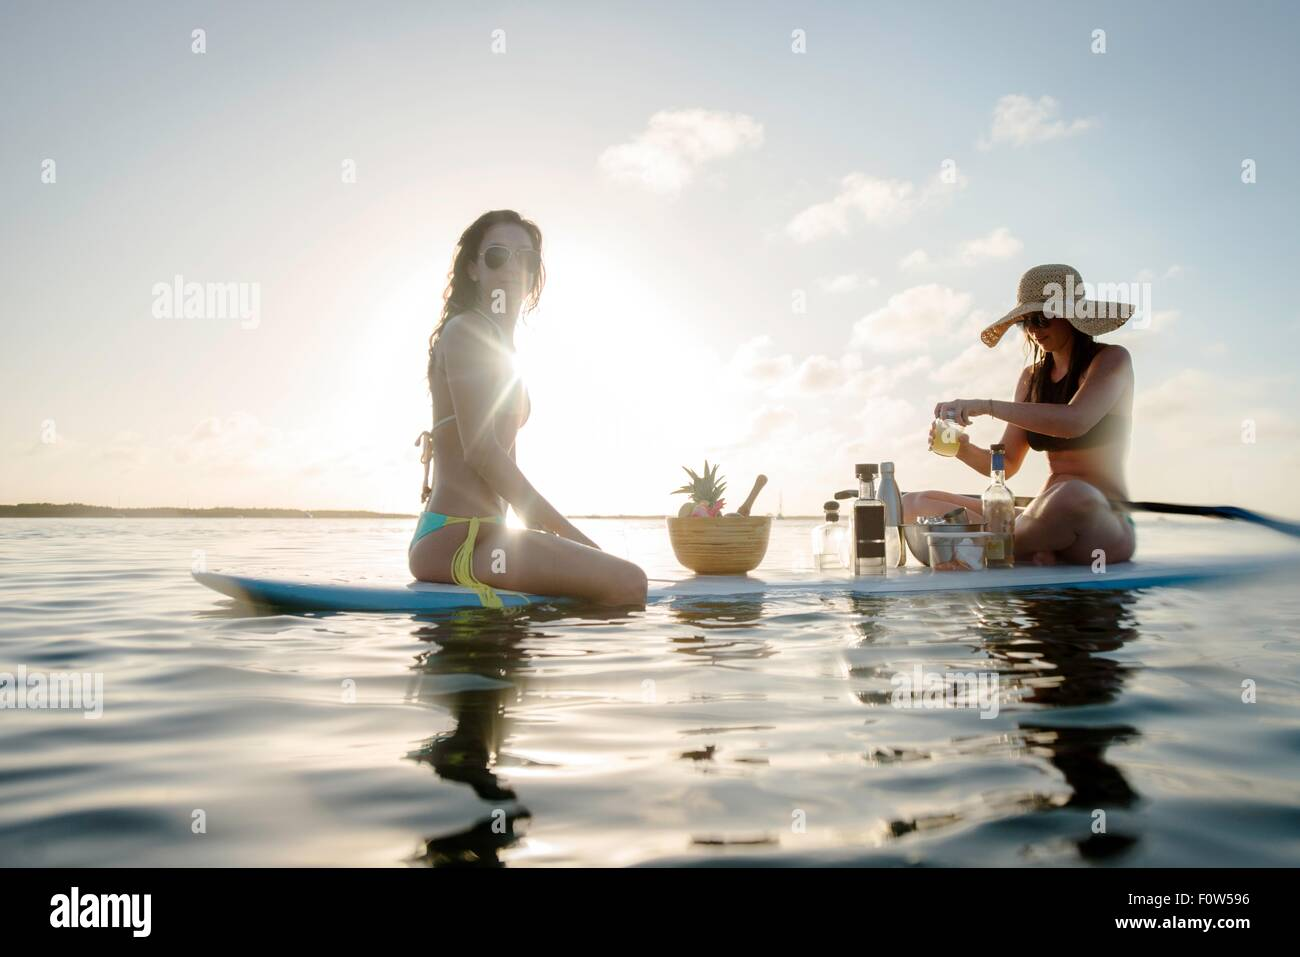 Zwei junge Frauen, die Zubereitung der Cocktails am Paddleboard, Islamorada, Florida, USA Stockbild